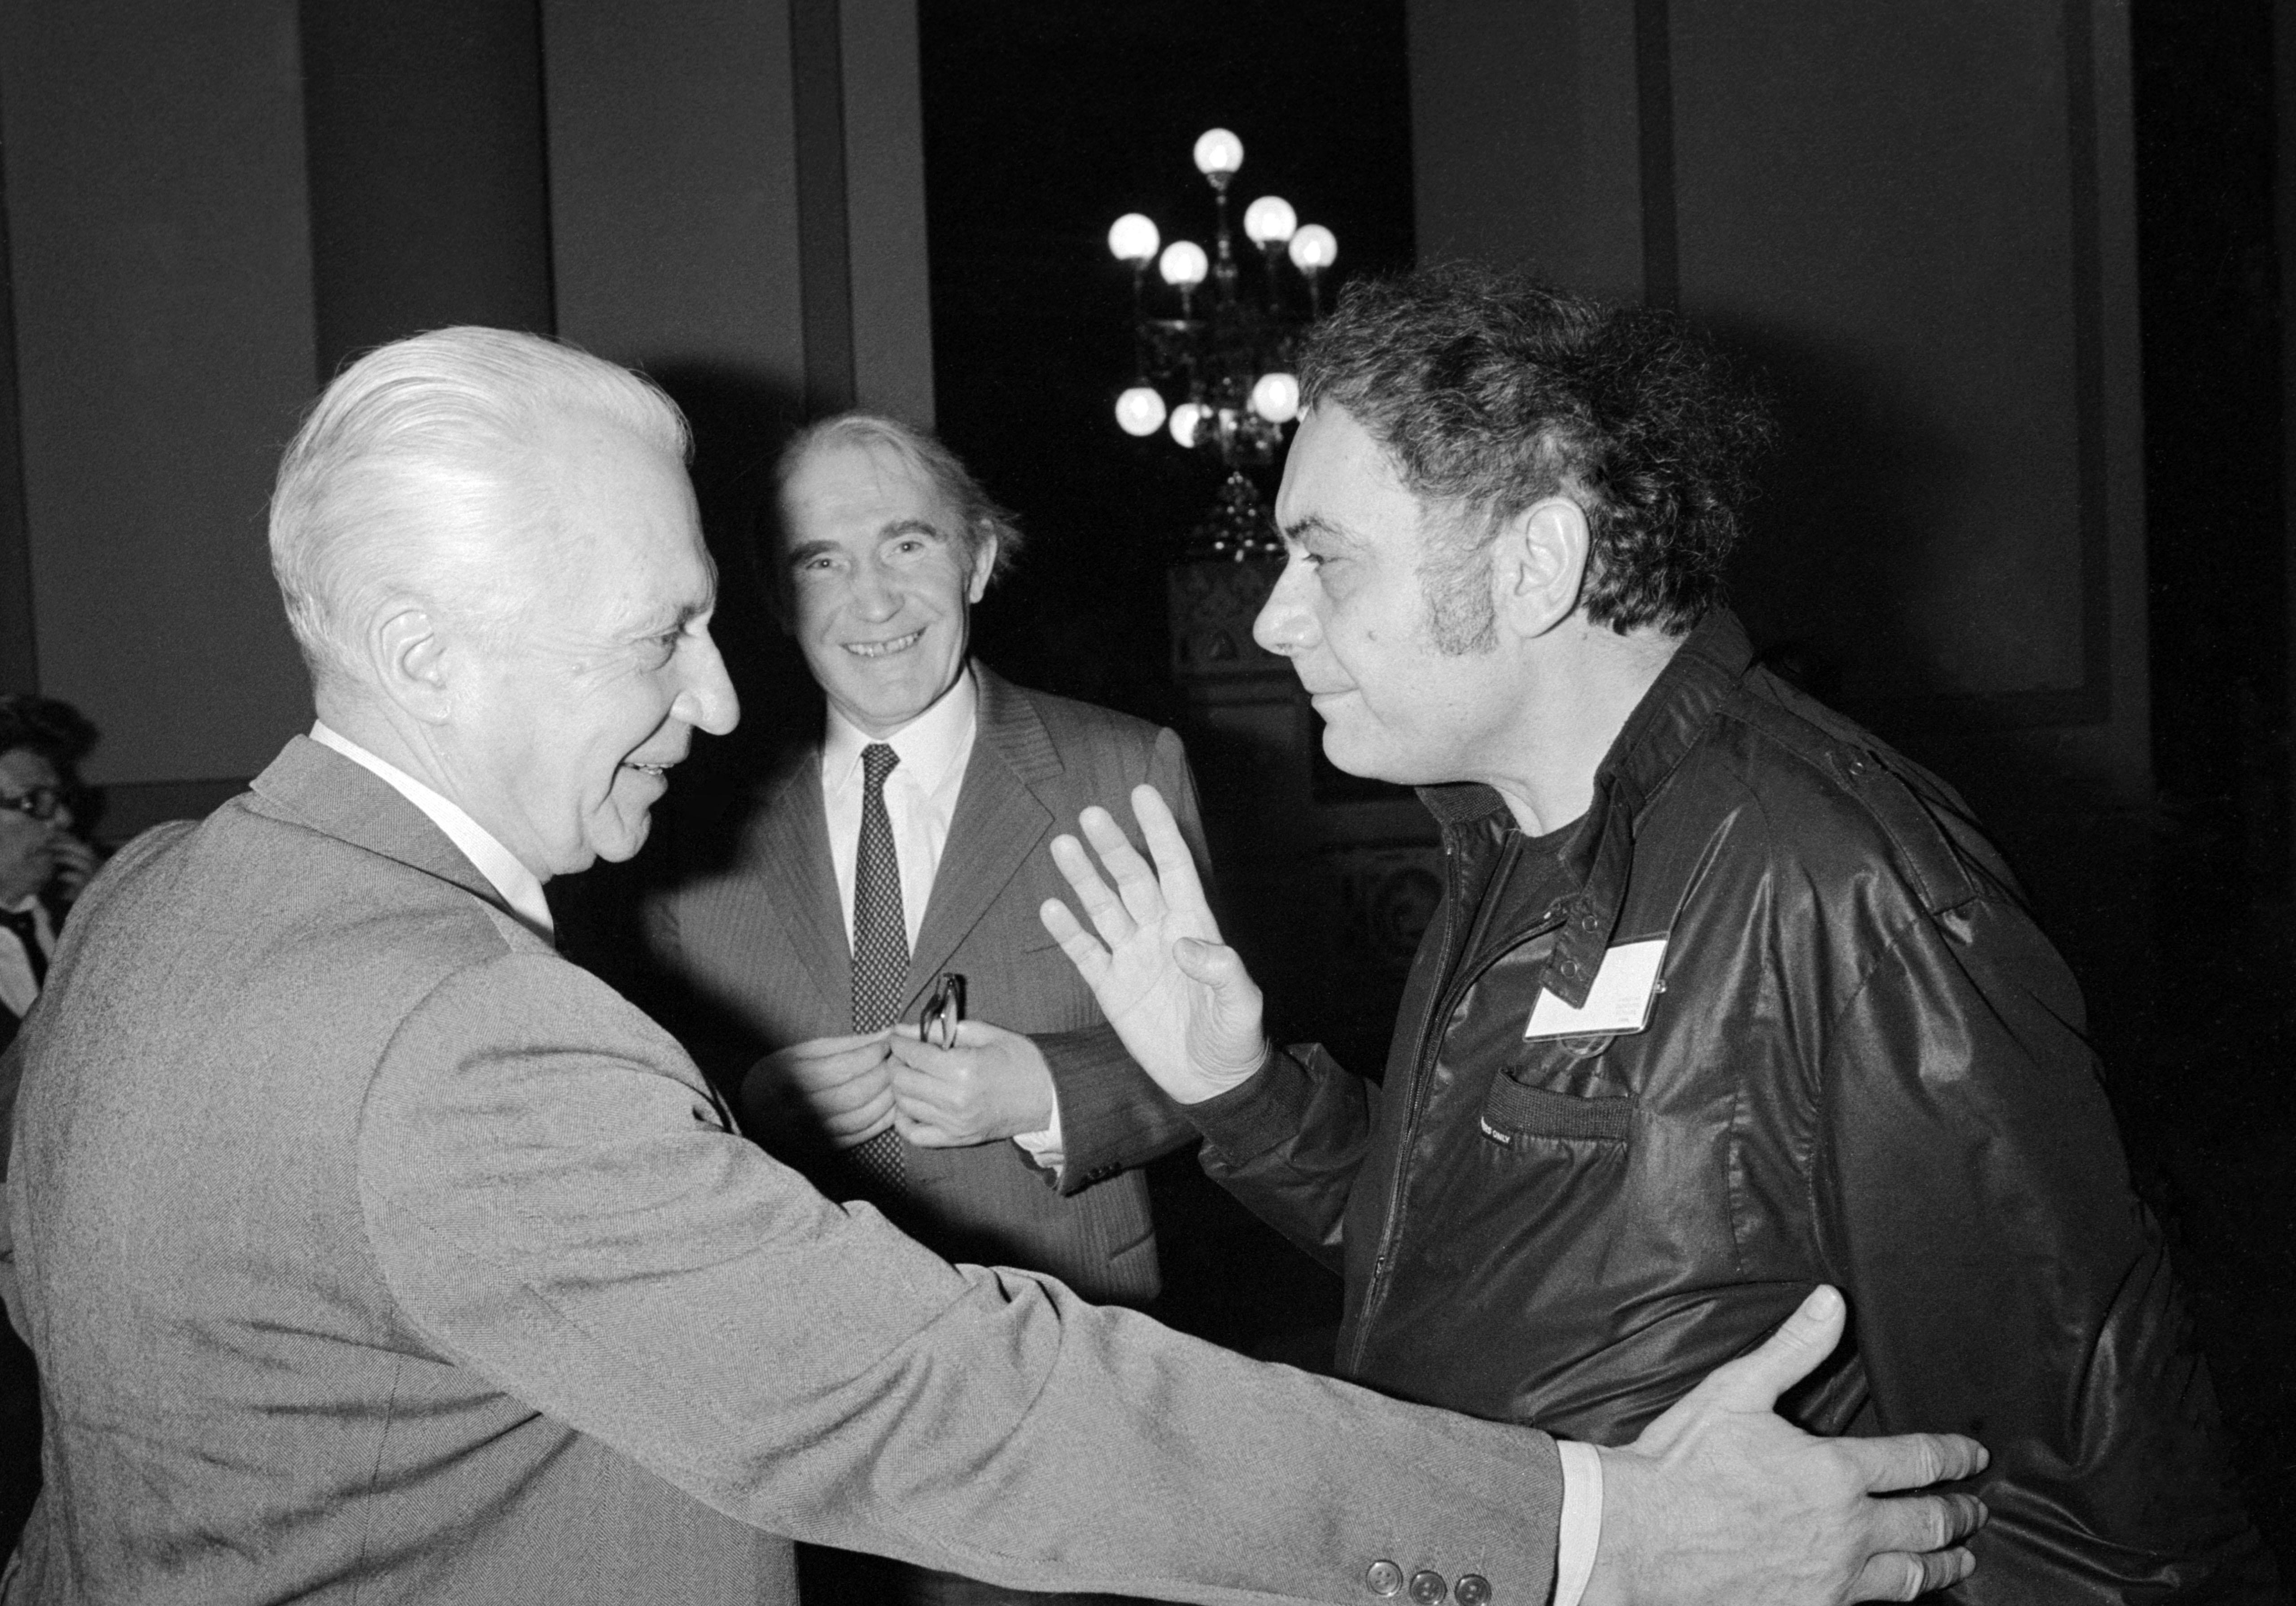 Csoóri Sándor beszélget Király István irodalomtörténésszel az Írószövetség 1986-os közgyűlésén / Fotó: MTI